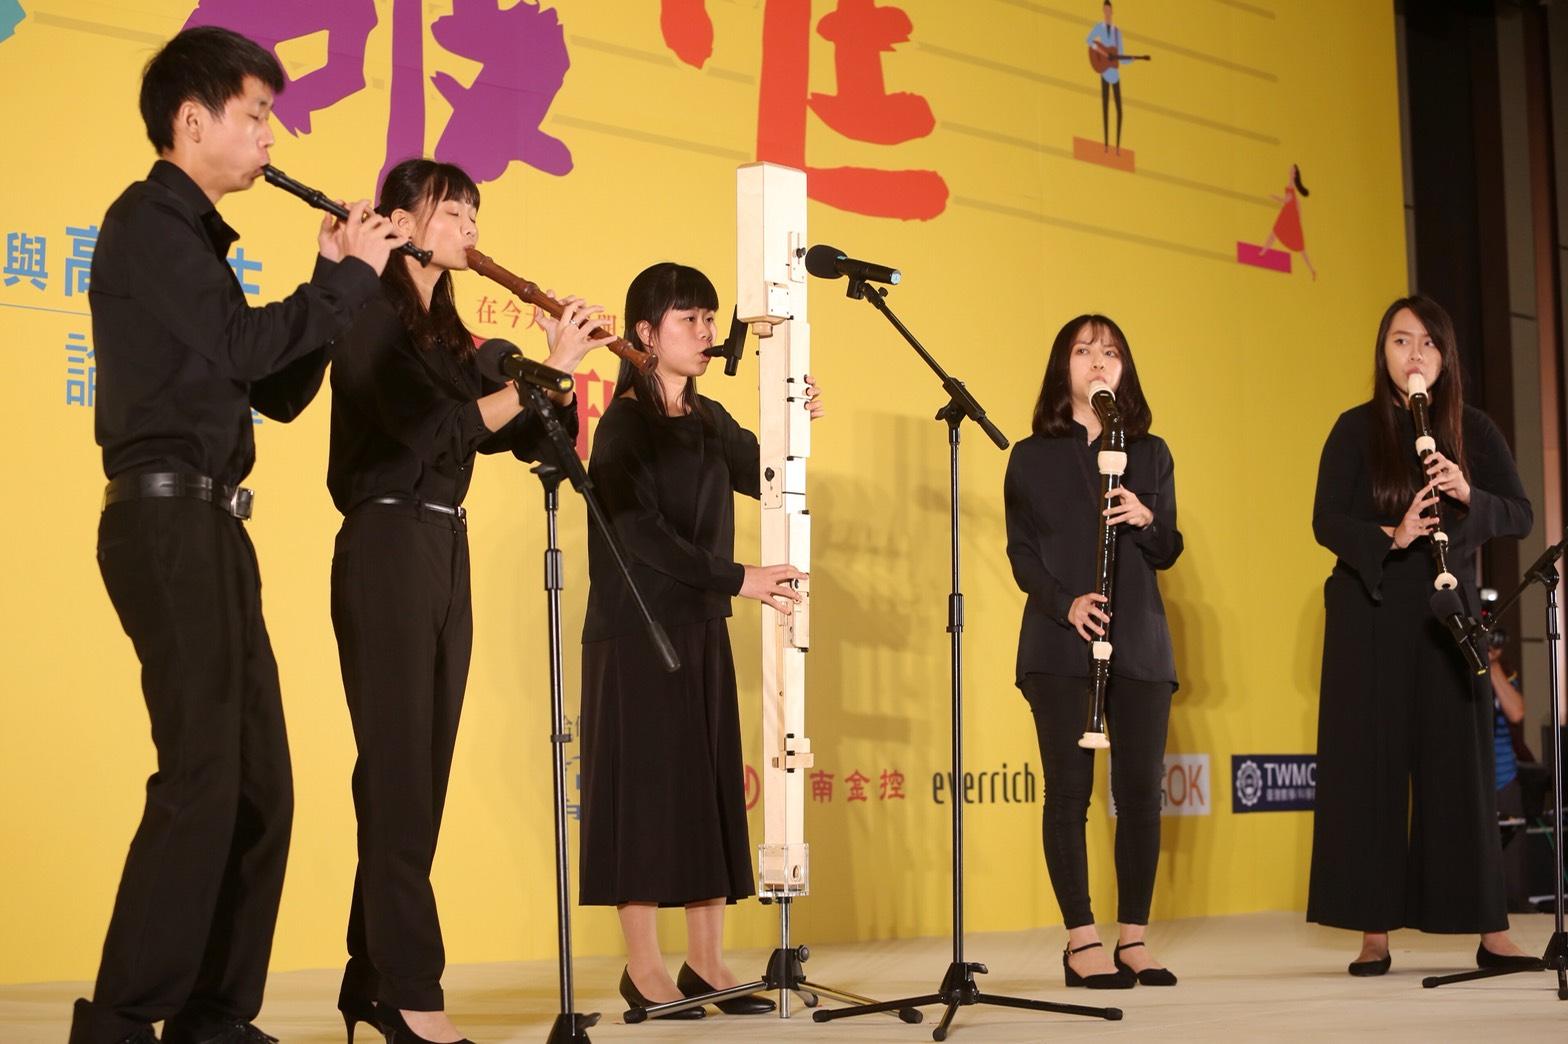 青春破框 台南應用科技大學 學生表演木笛五重奏